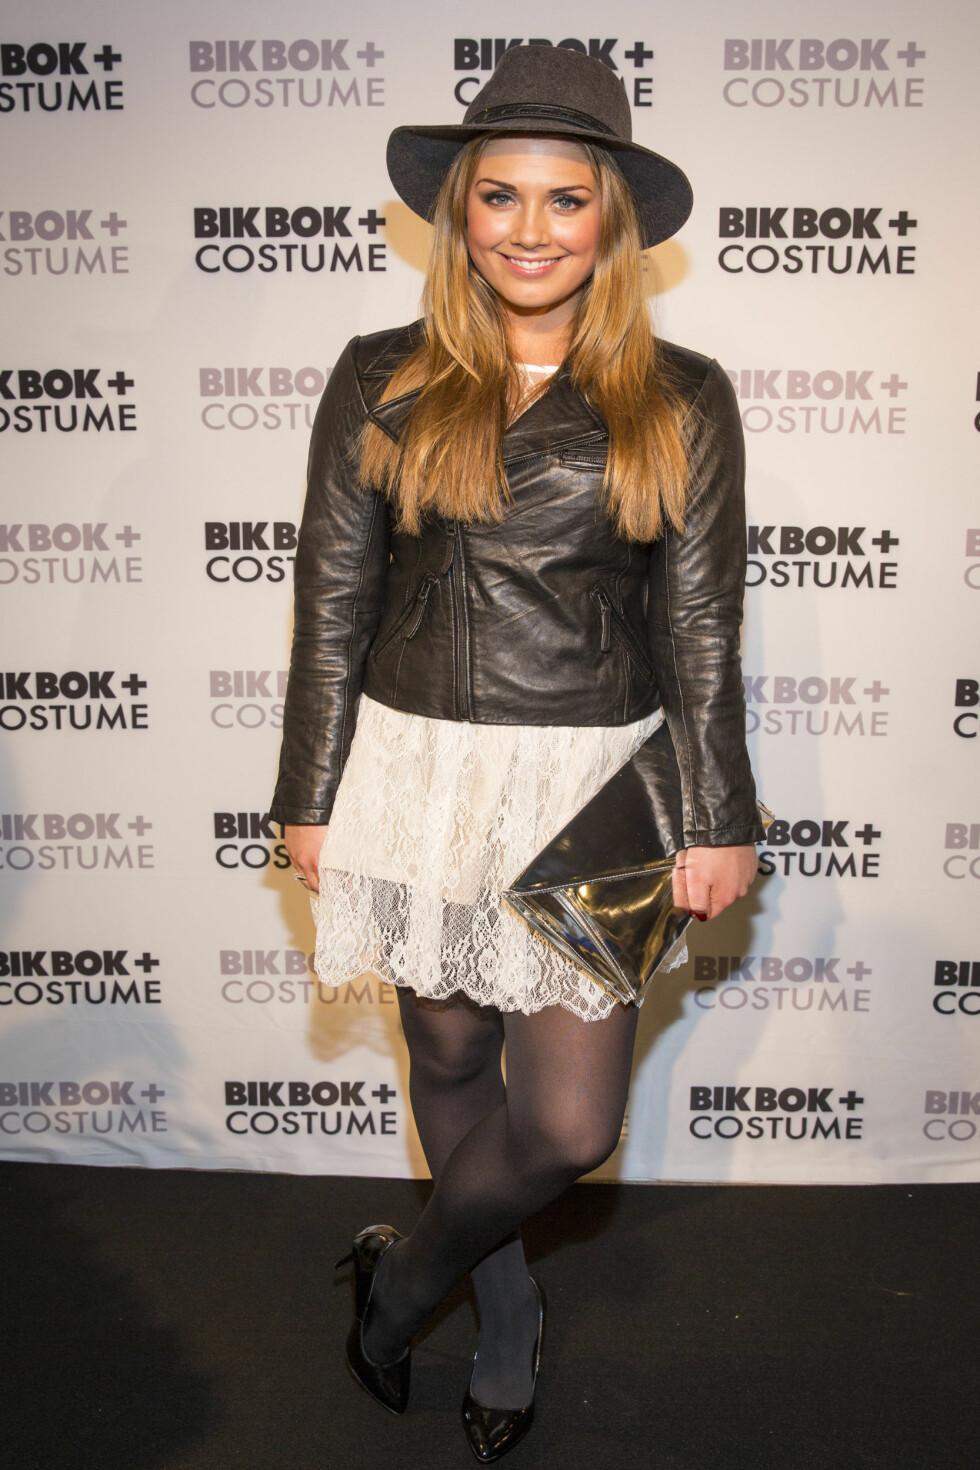 BikBok og Costume lanserer ny kolleksjon - 2012.  Foto: Tor Lindseth